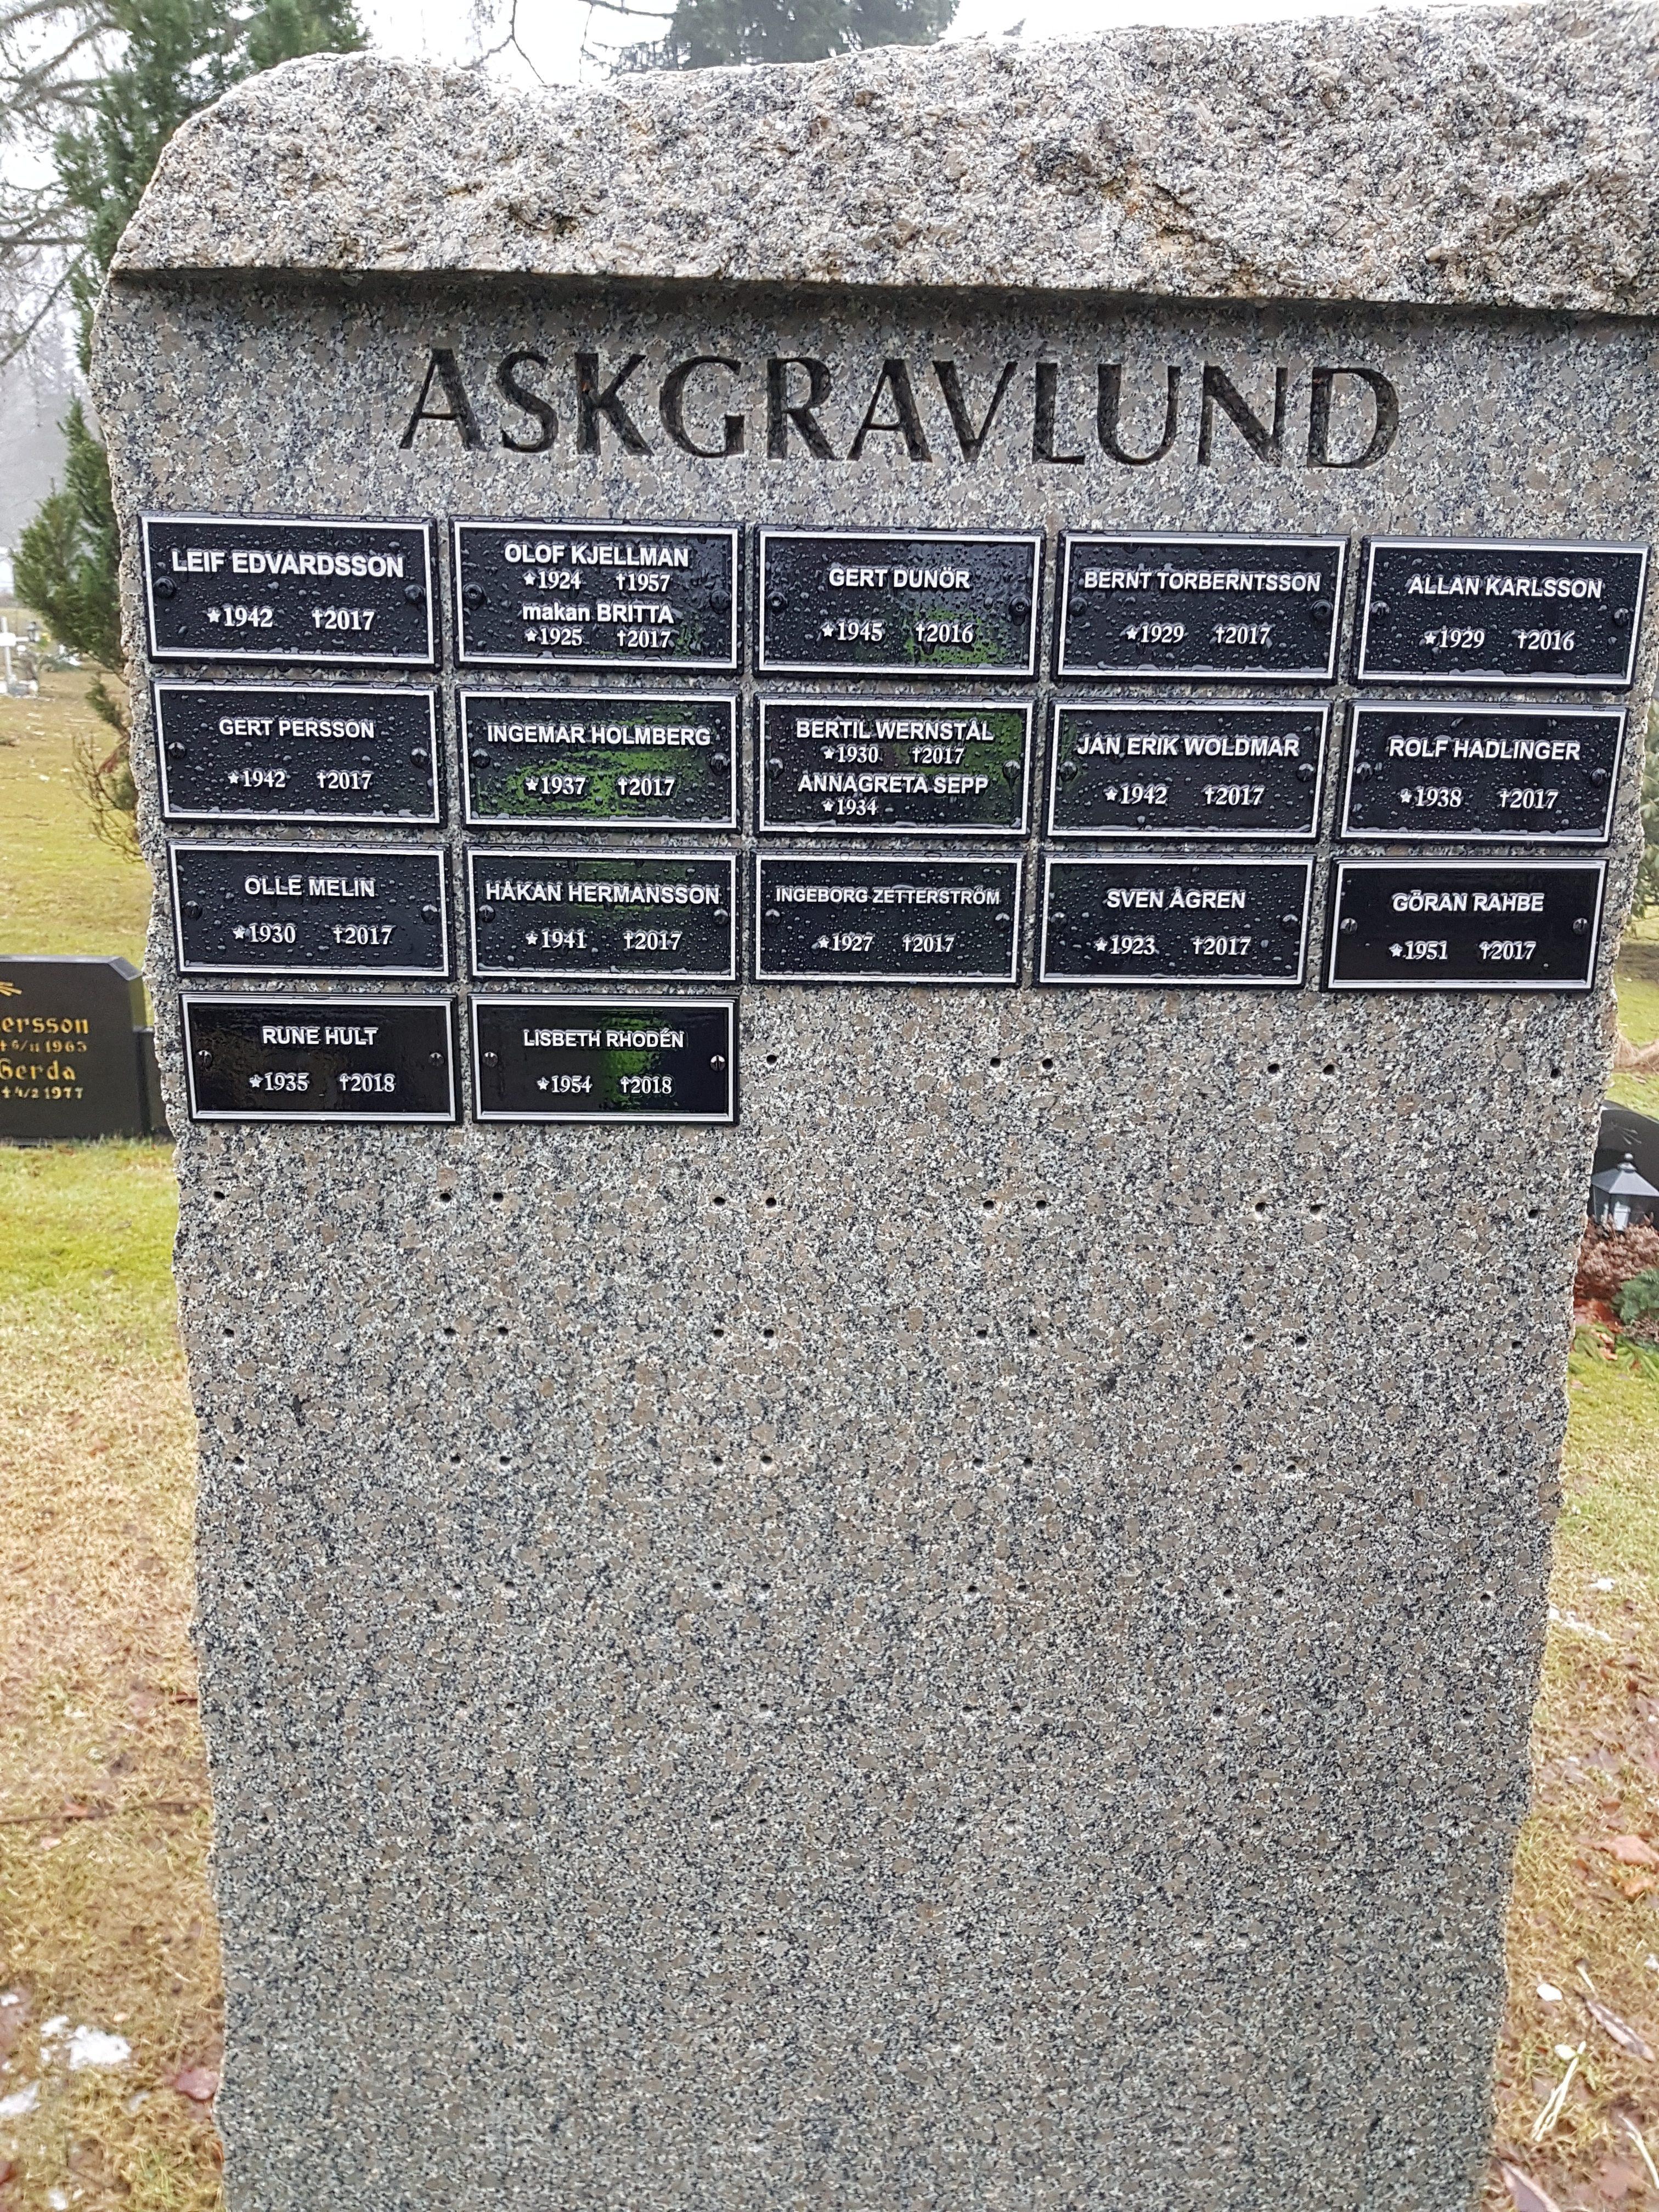 Askgravlund